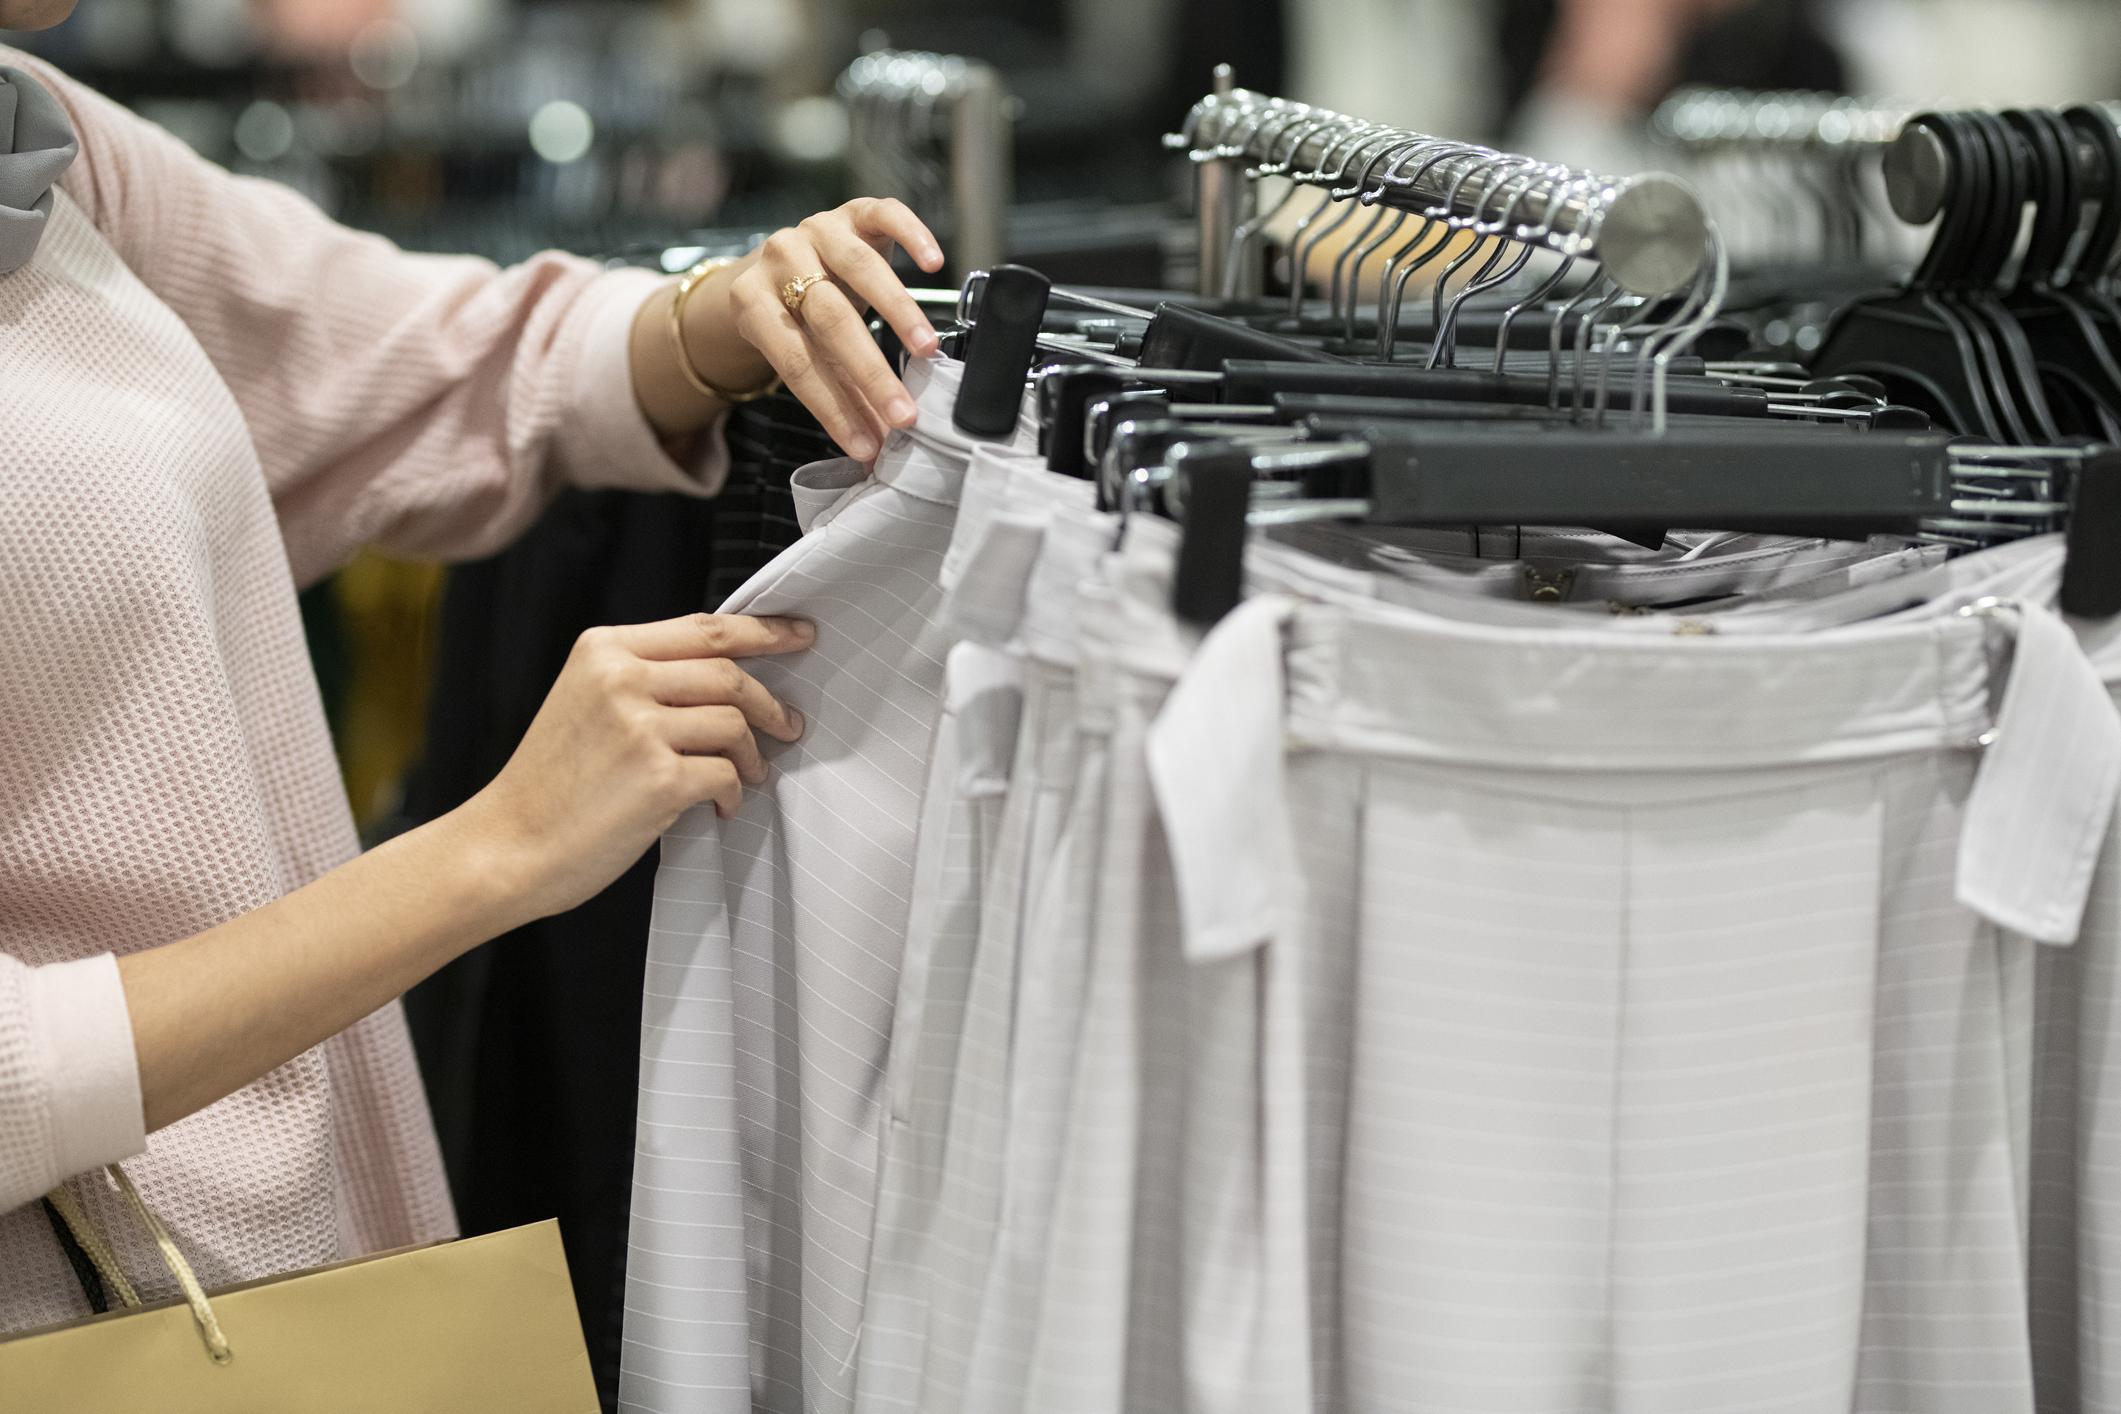 Entenda o que é Same Store Sales e seus benefícios para o varejo